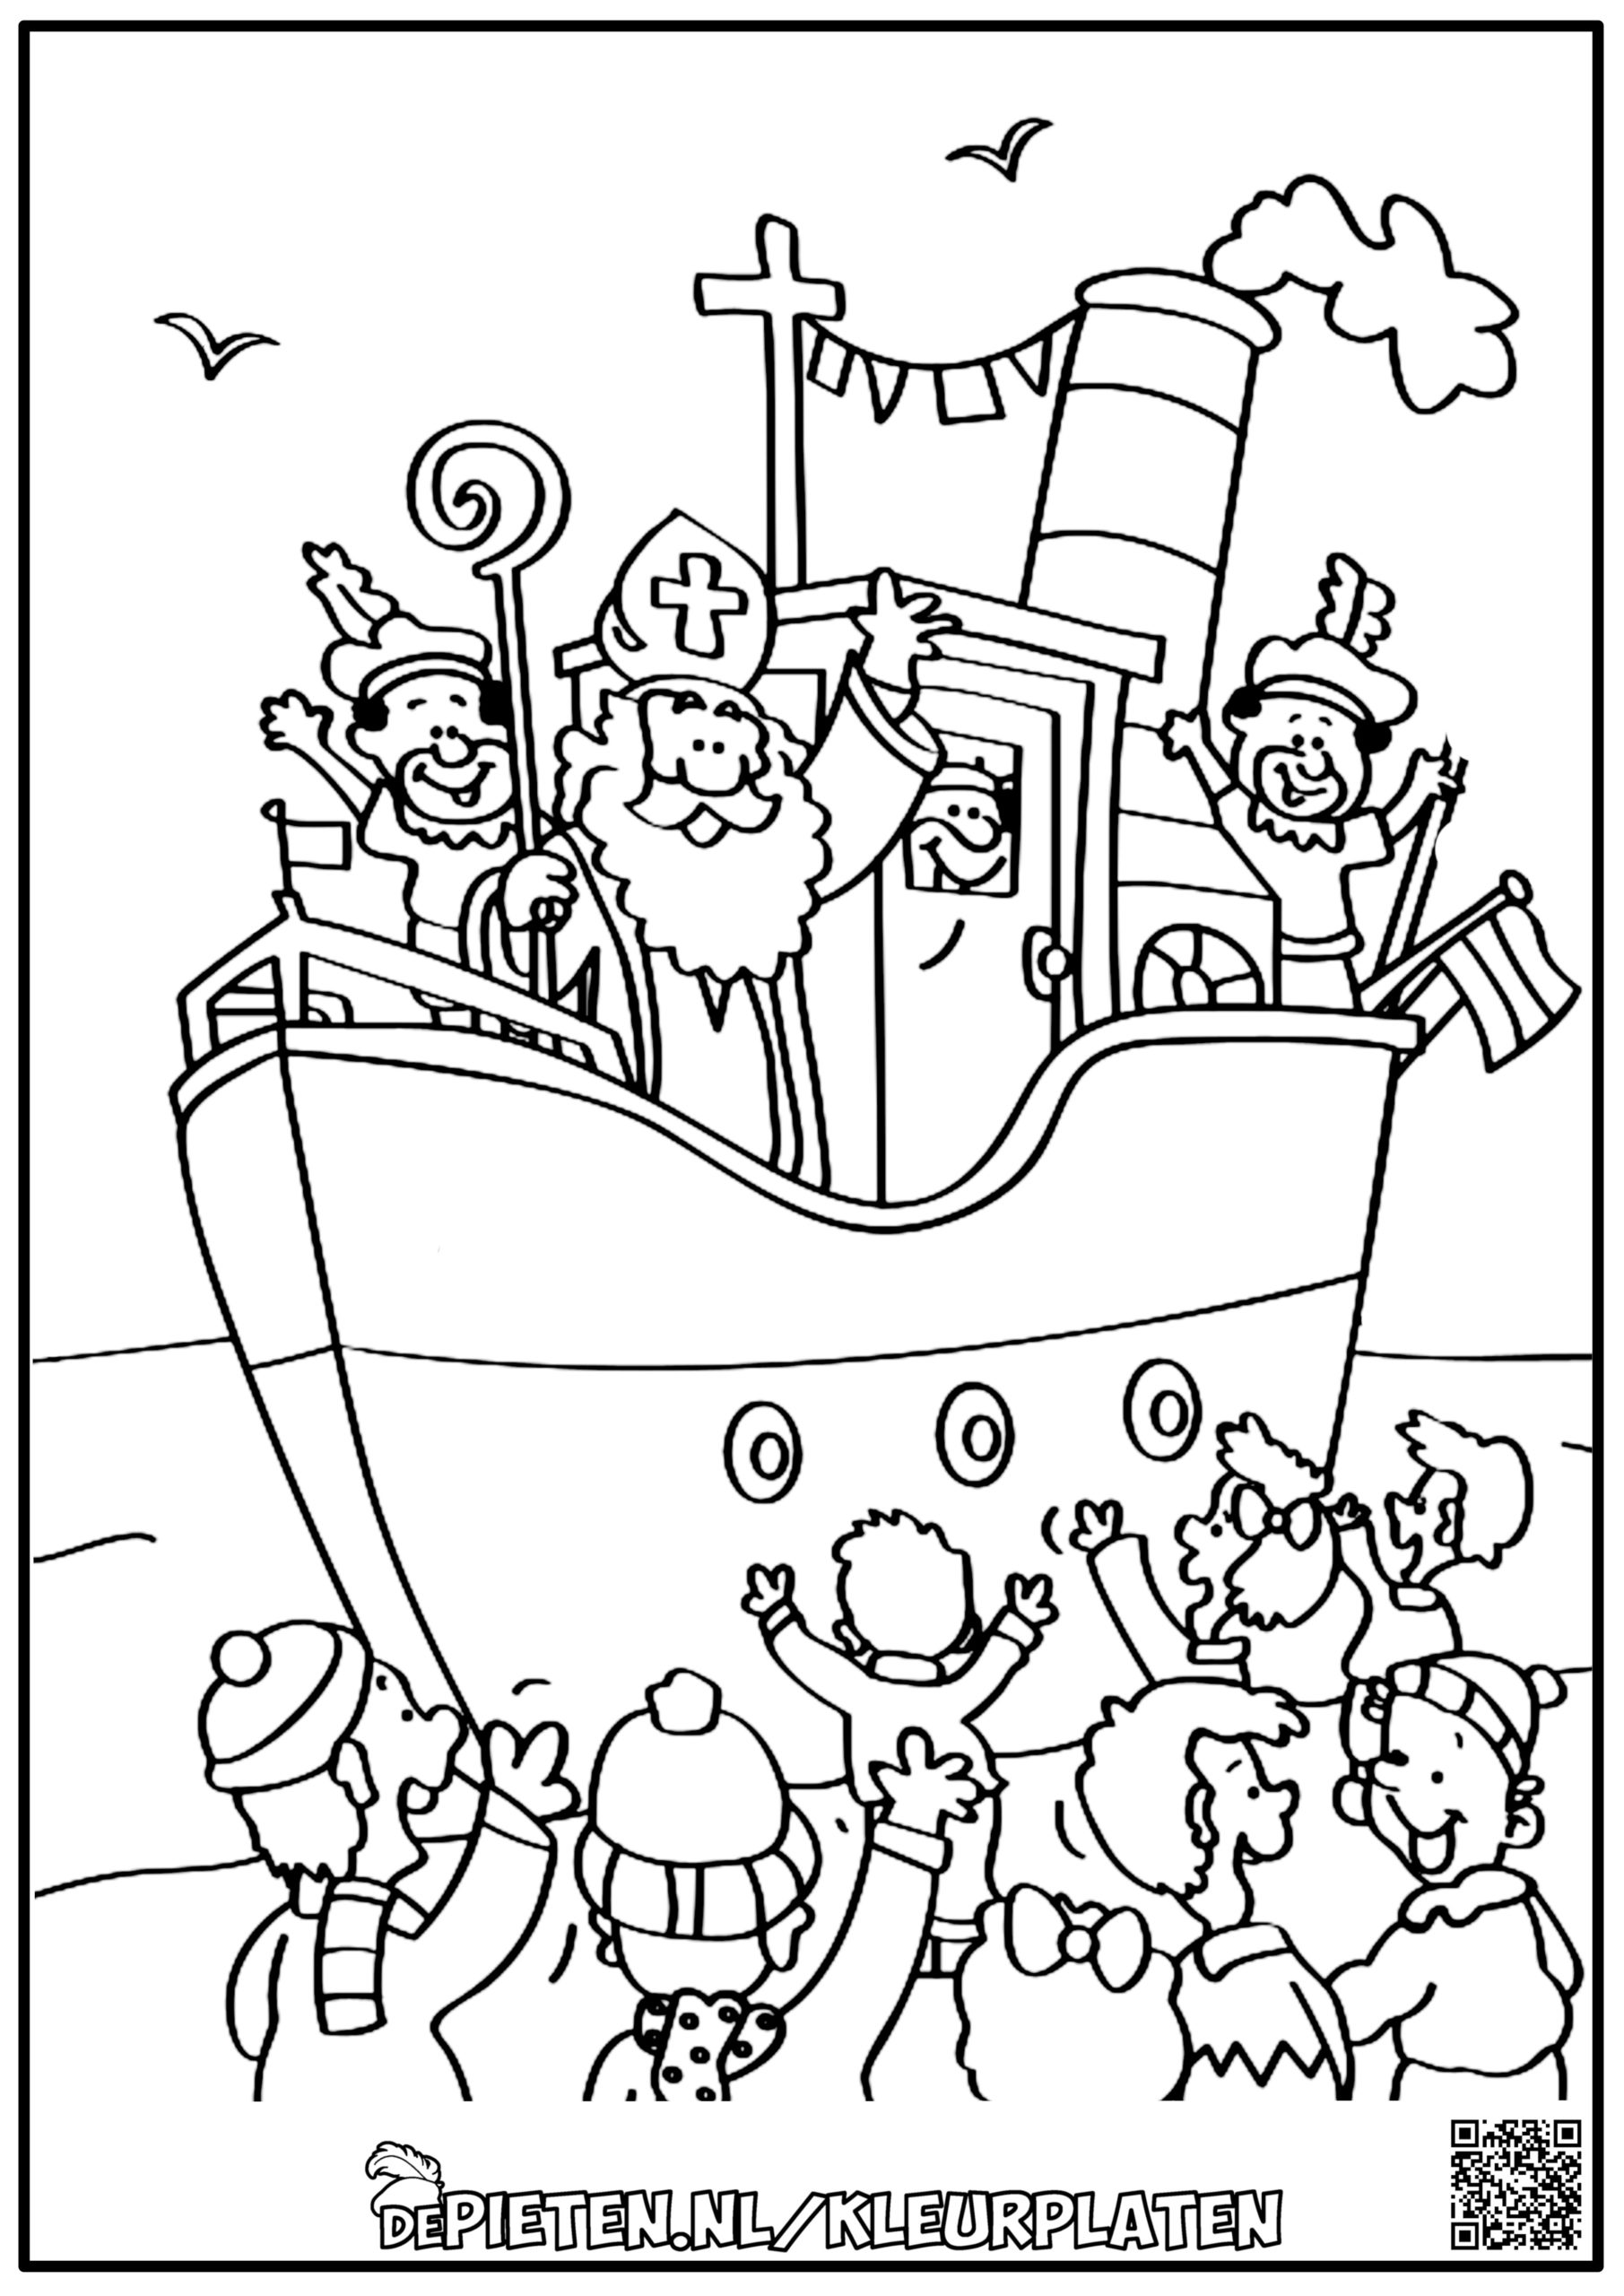 depieten.nl-Kleurplaten-kleuren-Sinterklaas-en-de-pieten-kleuren-Sint-en-piet-stoomboot-kinderen-zwaaien-boot-spanje